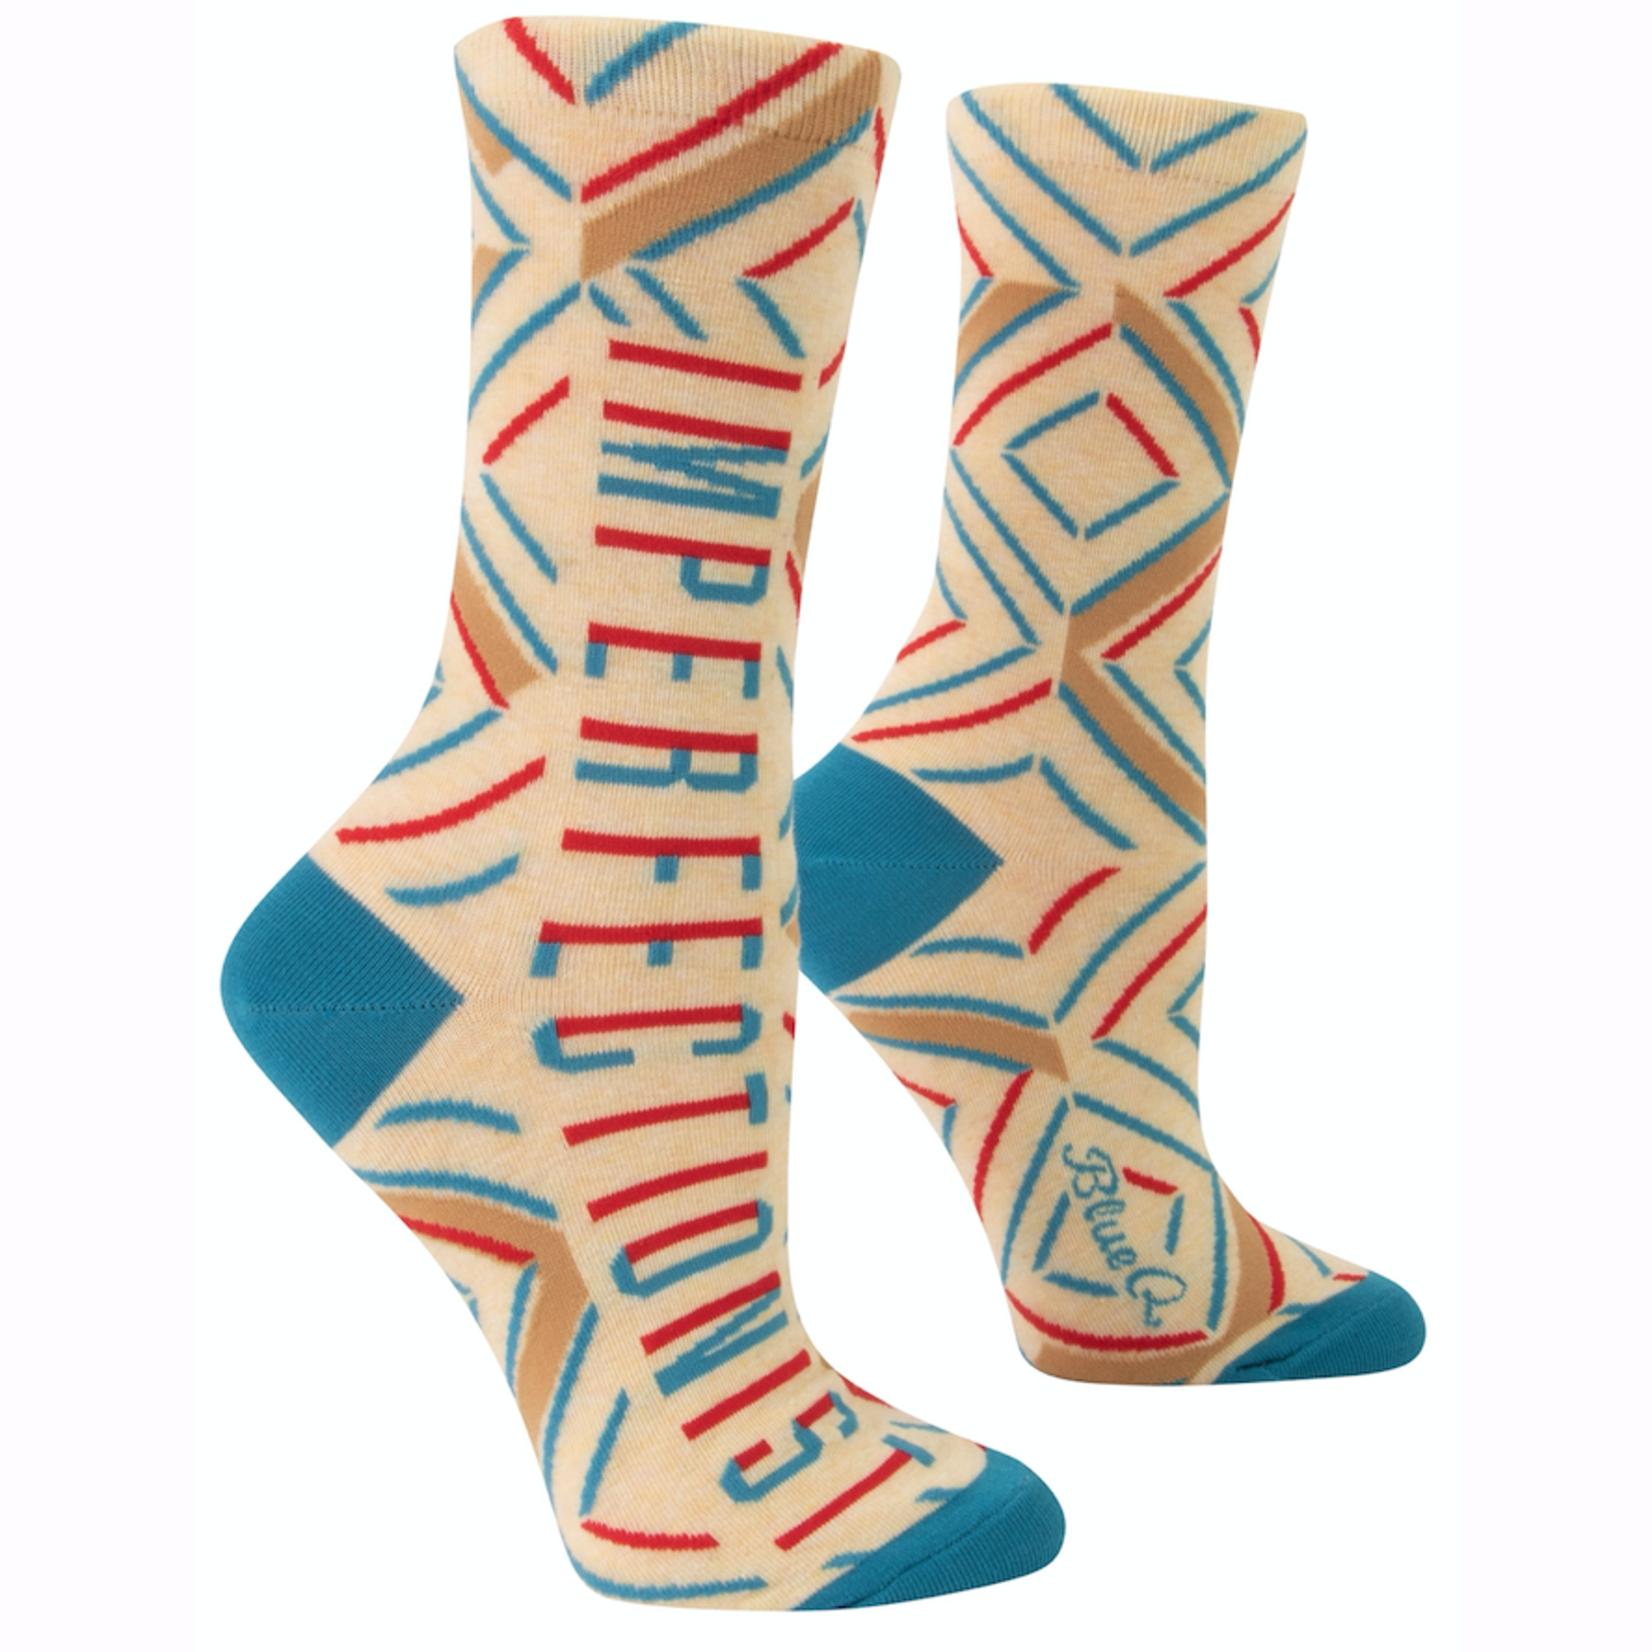 Imperfectionist Women's Crew Socks